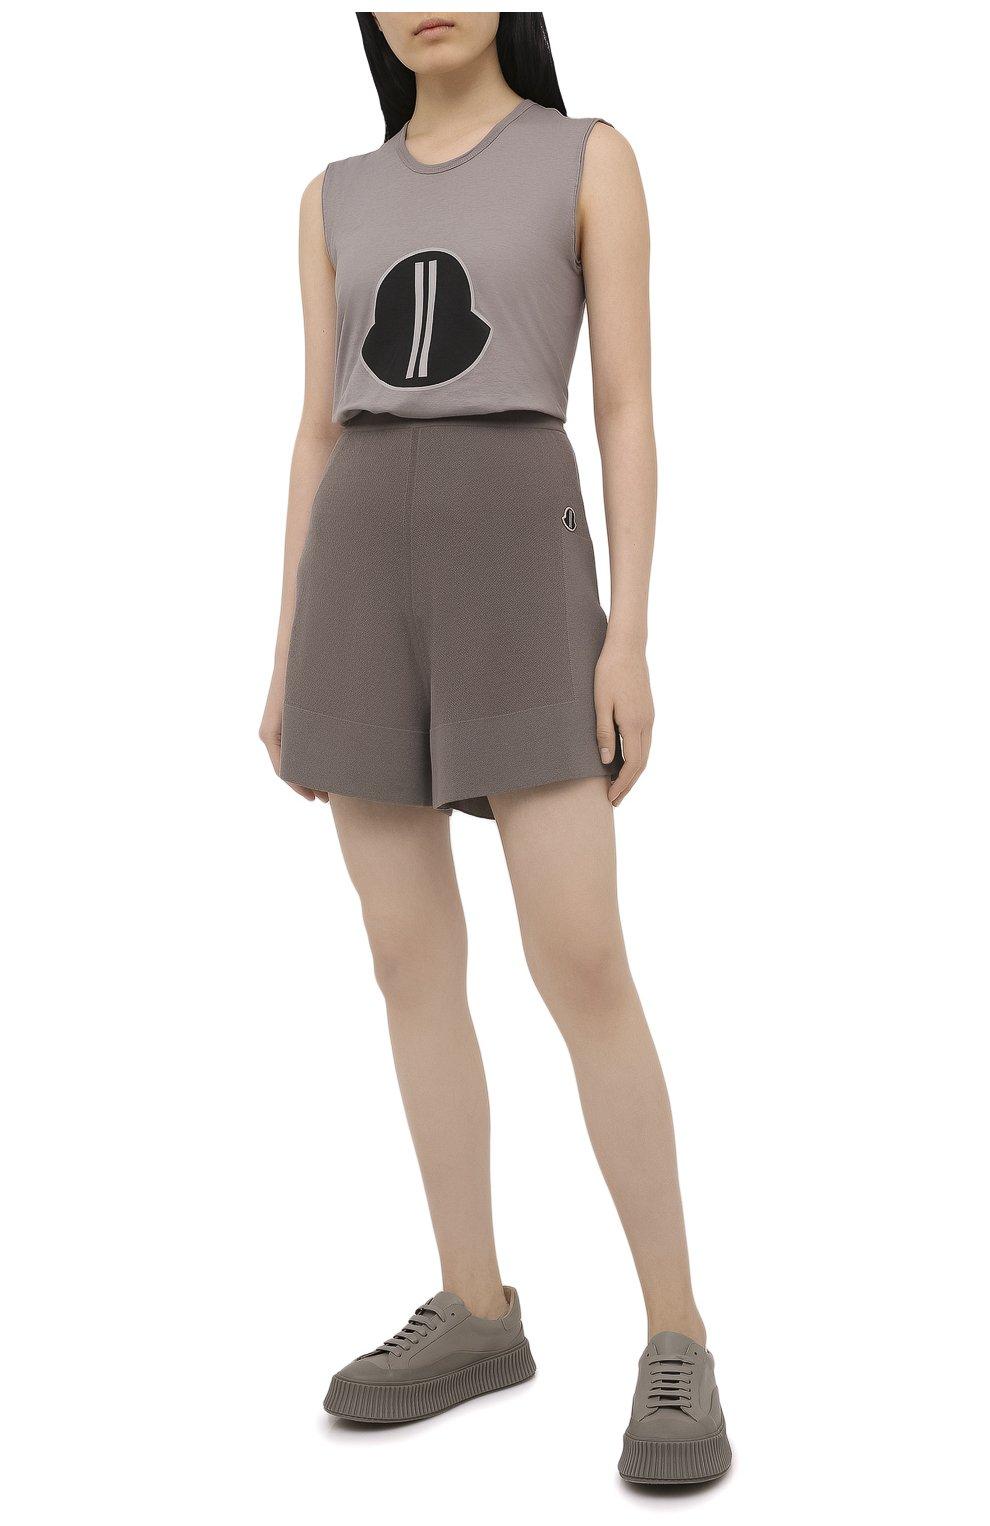 Женские шорты rick owens + moncler RICK OWENS серого цвета, арт. MU20F0019/A9454 | Фото 2 (Женское Кросс-КТ: Шорты-одежда; Материал внешний: Шерсть, Кашемир, Хлопок; Длина Ж (юбки, платья, шорты): Мини)